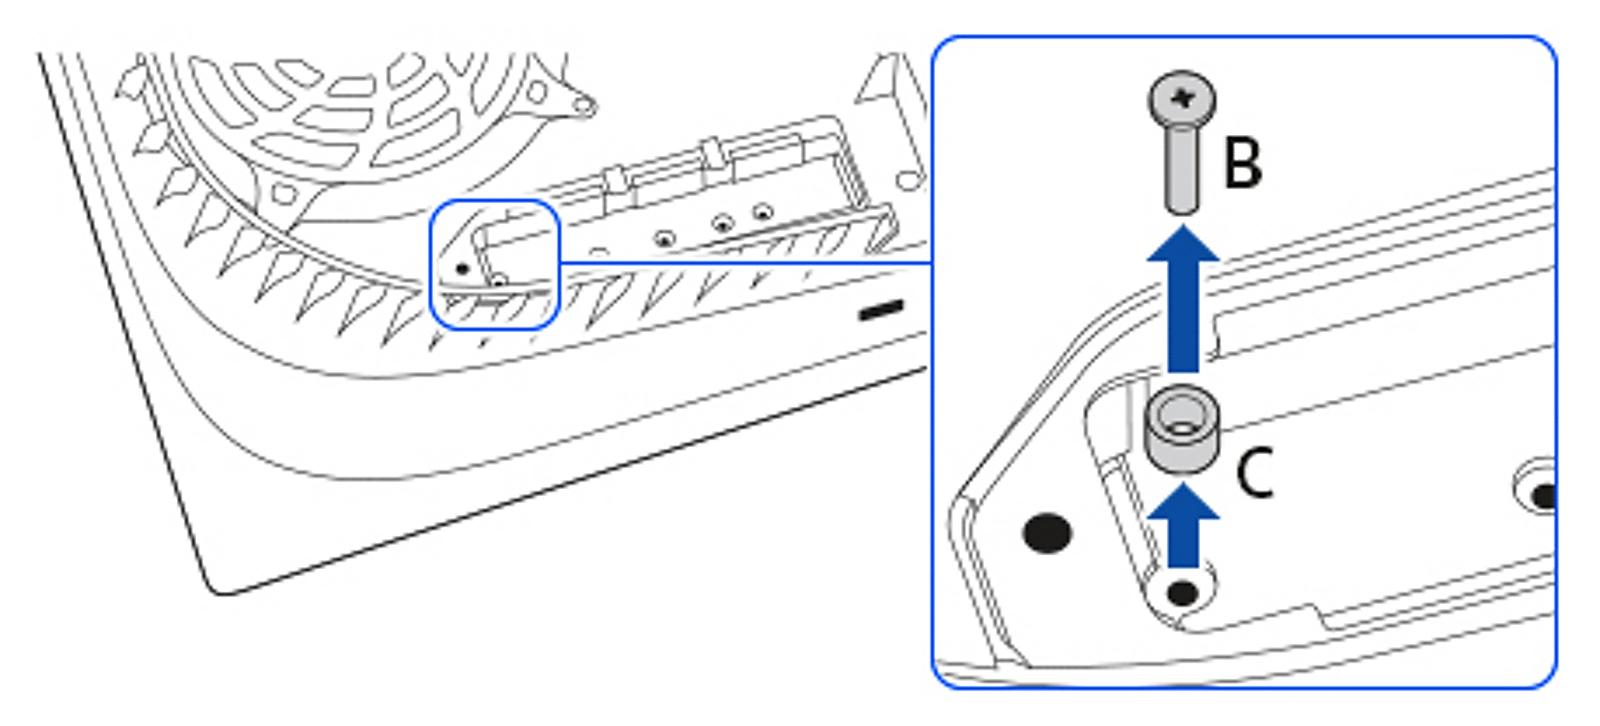 PlayStation 5: come si installa il secondo SSD M.2